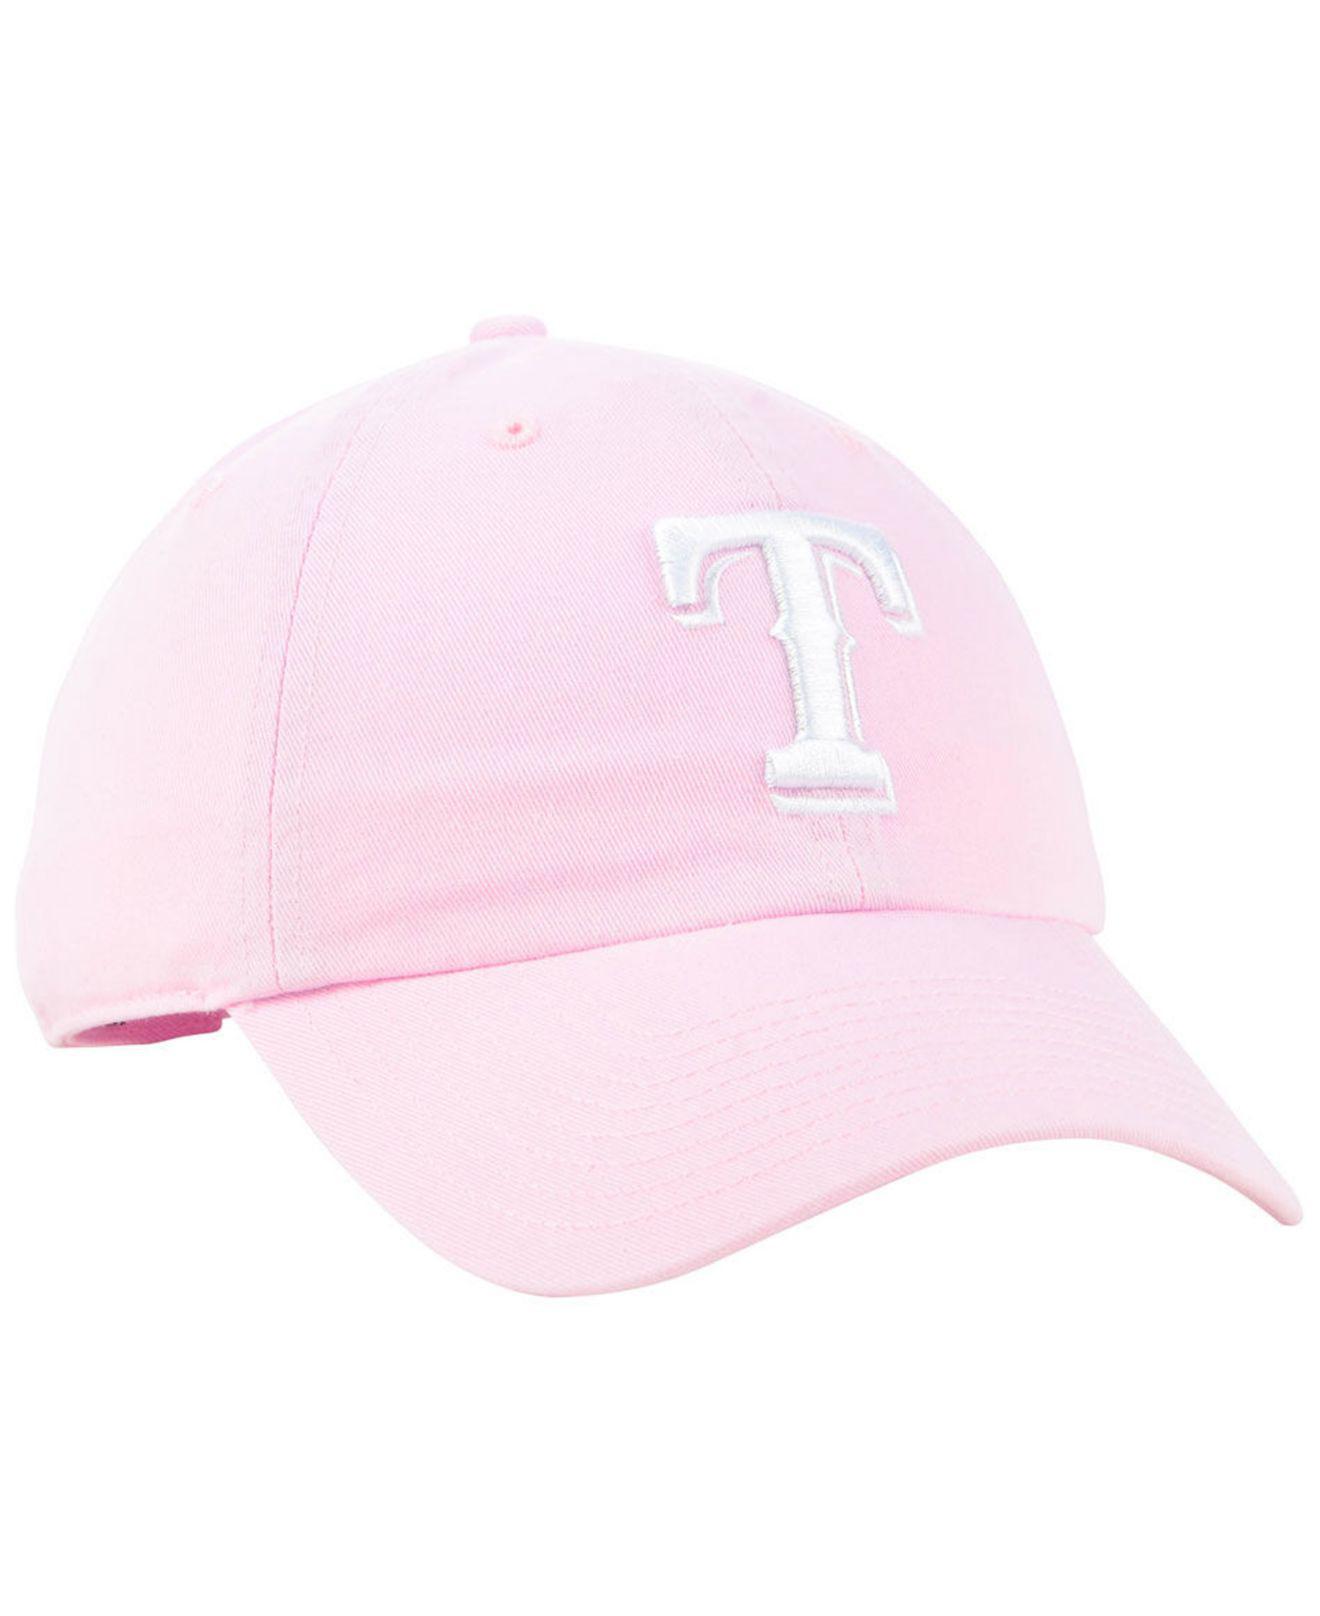 1cb3e0c249c sweden texas rangers pink vs hat 76f81 1ad9e  australia texas rangers pink  clean up cap lyst. view fullscreen de522 67f01